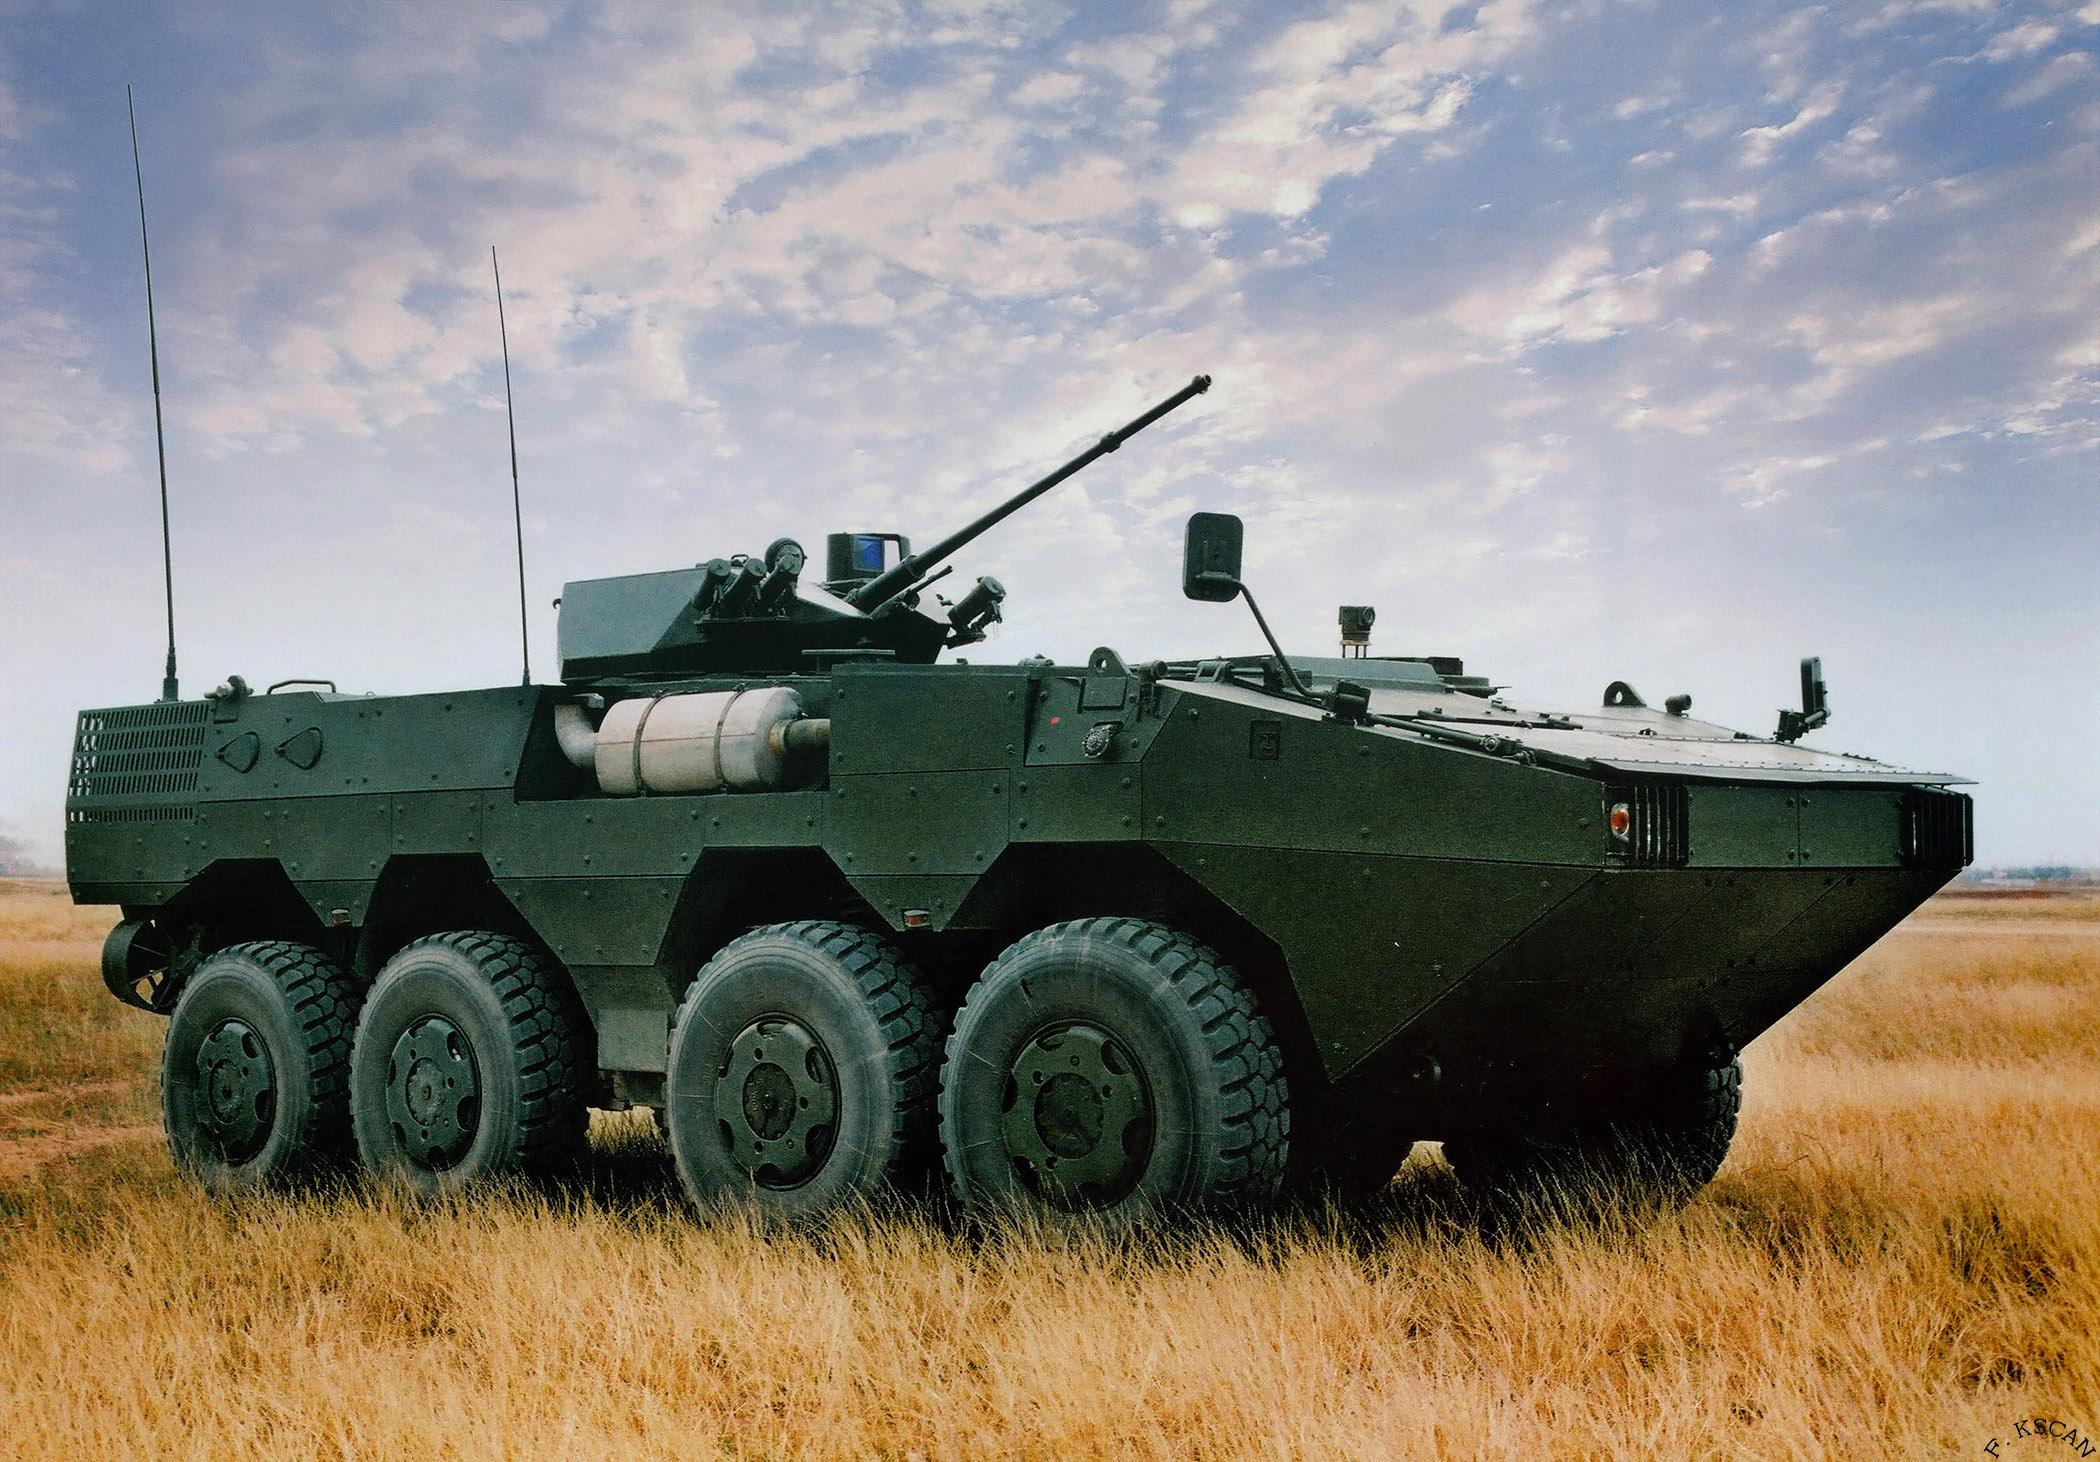 泰拟再从中国采购坦克、装甲车 称乌克兰造太慢